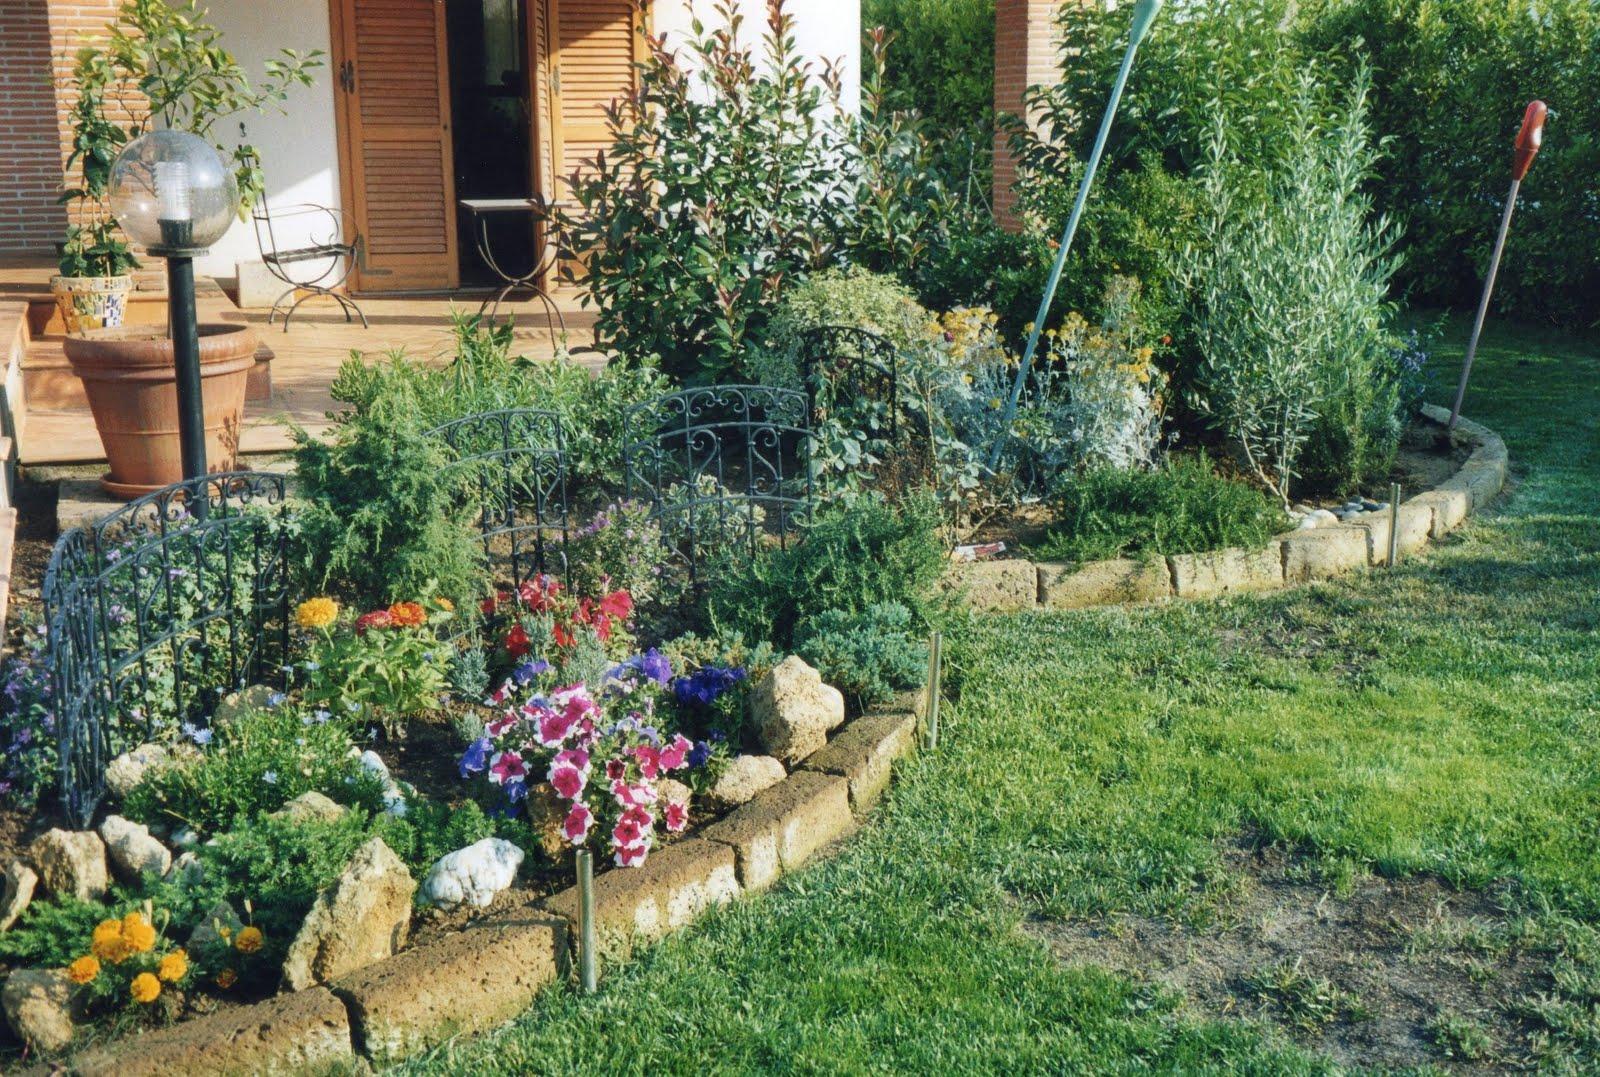 I giardini di carlo e letizia il giardino di riccardo - Vialetto giardino fai da te ...